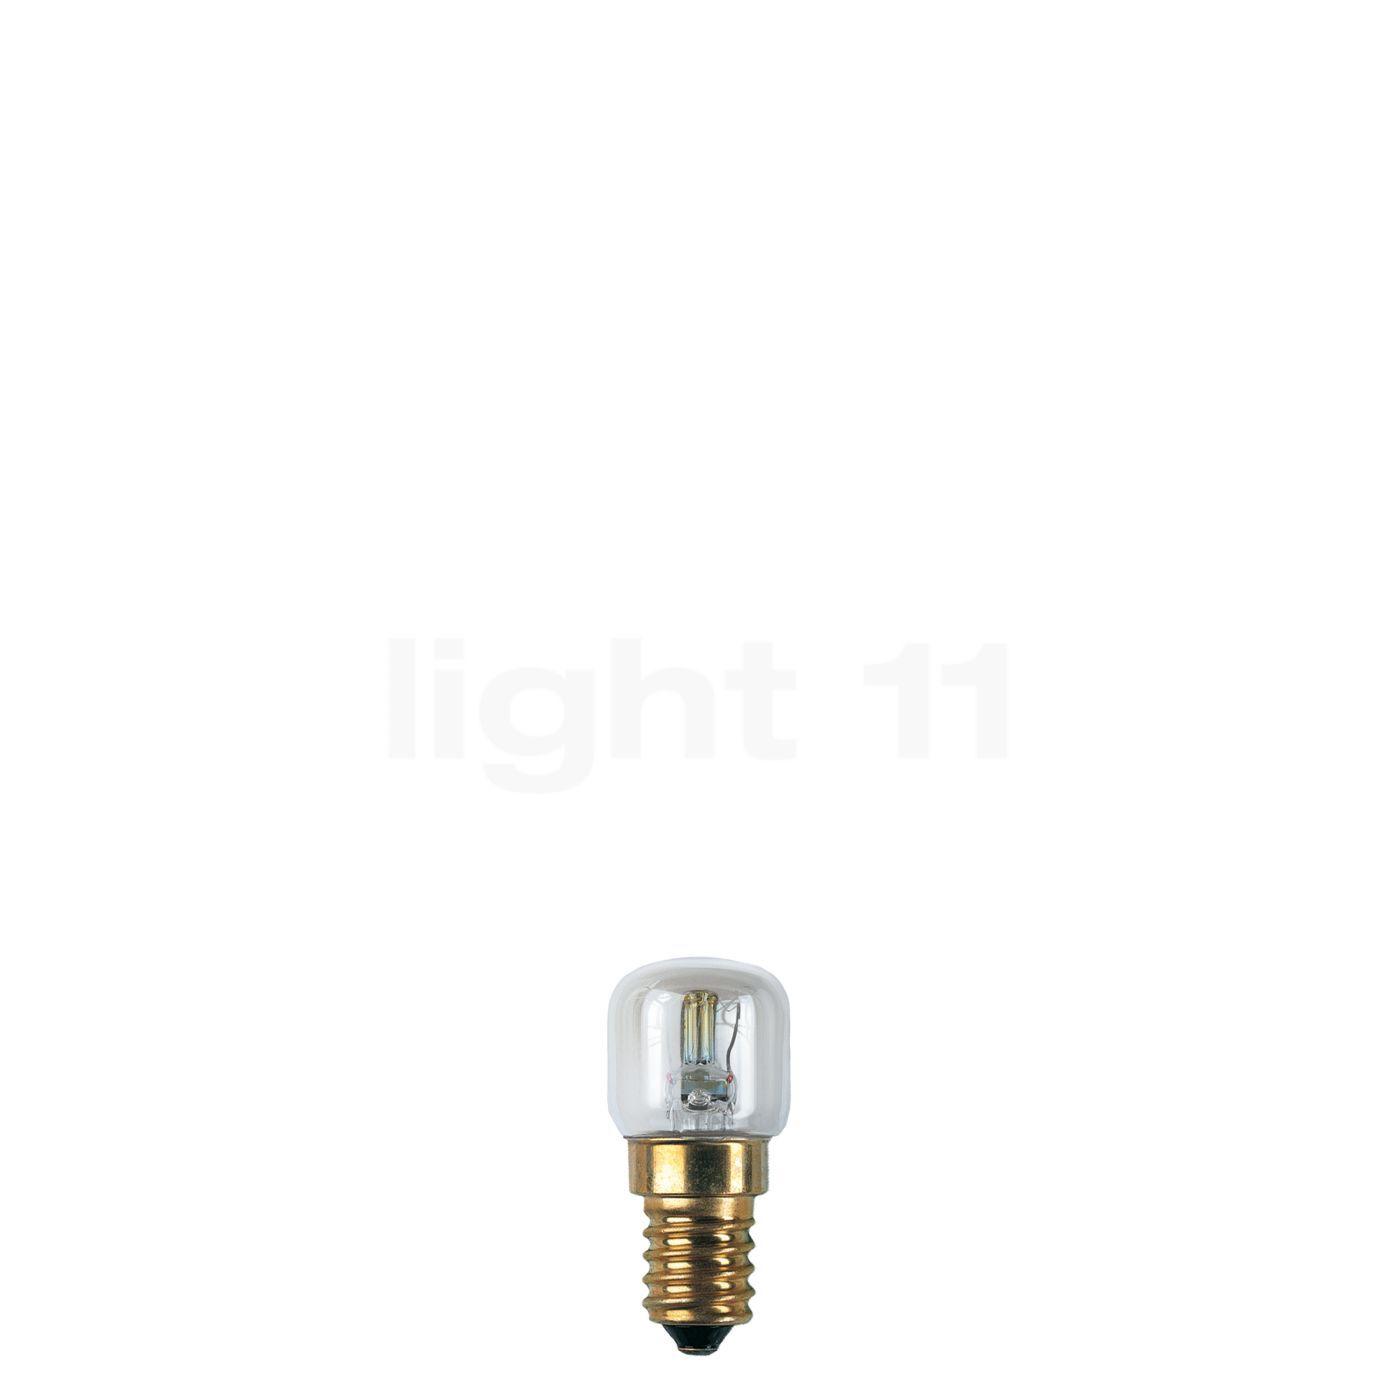 Radium Sparpaket: 30 x Radium CO26 15W/c, E14, translucide clair